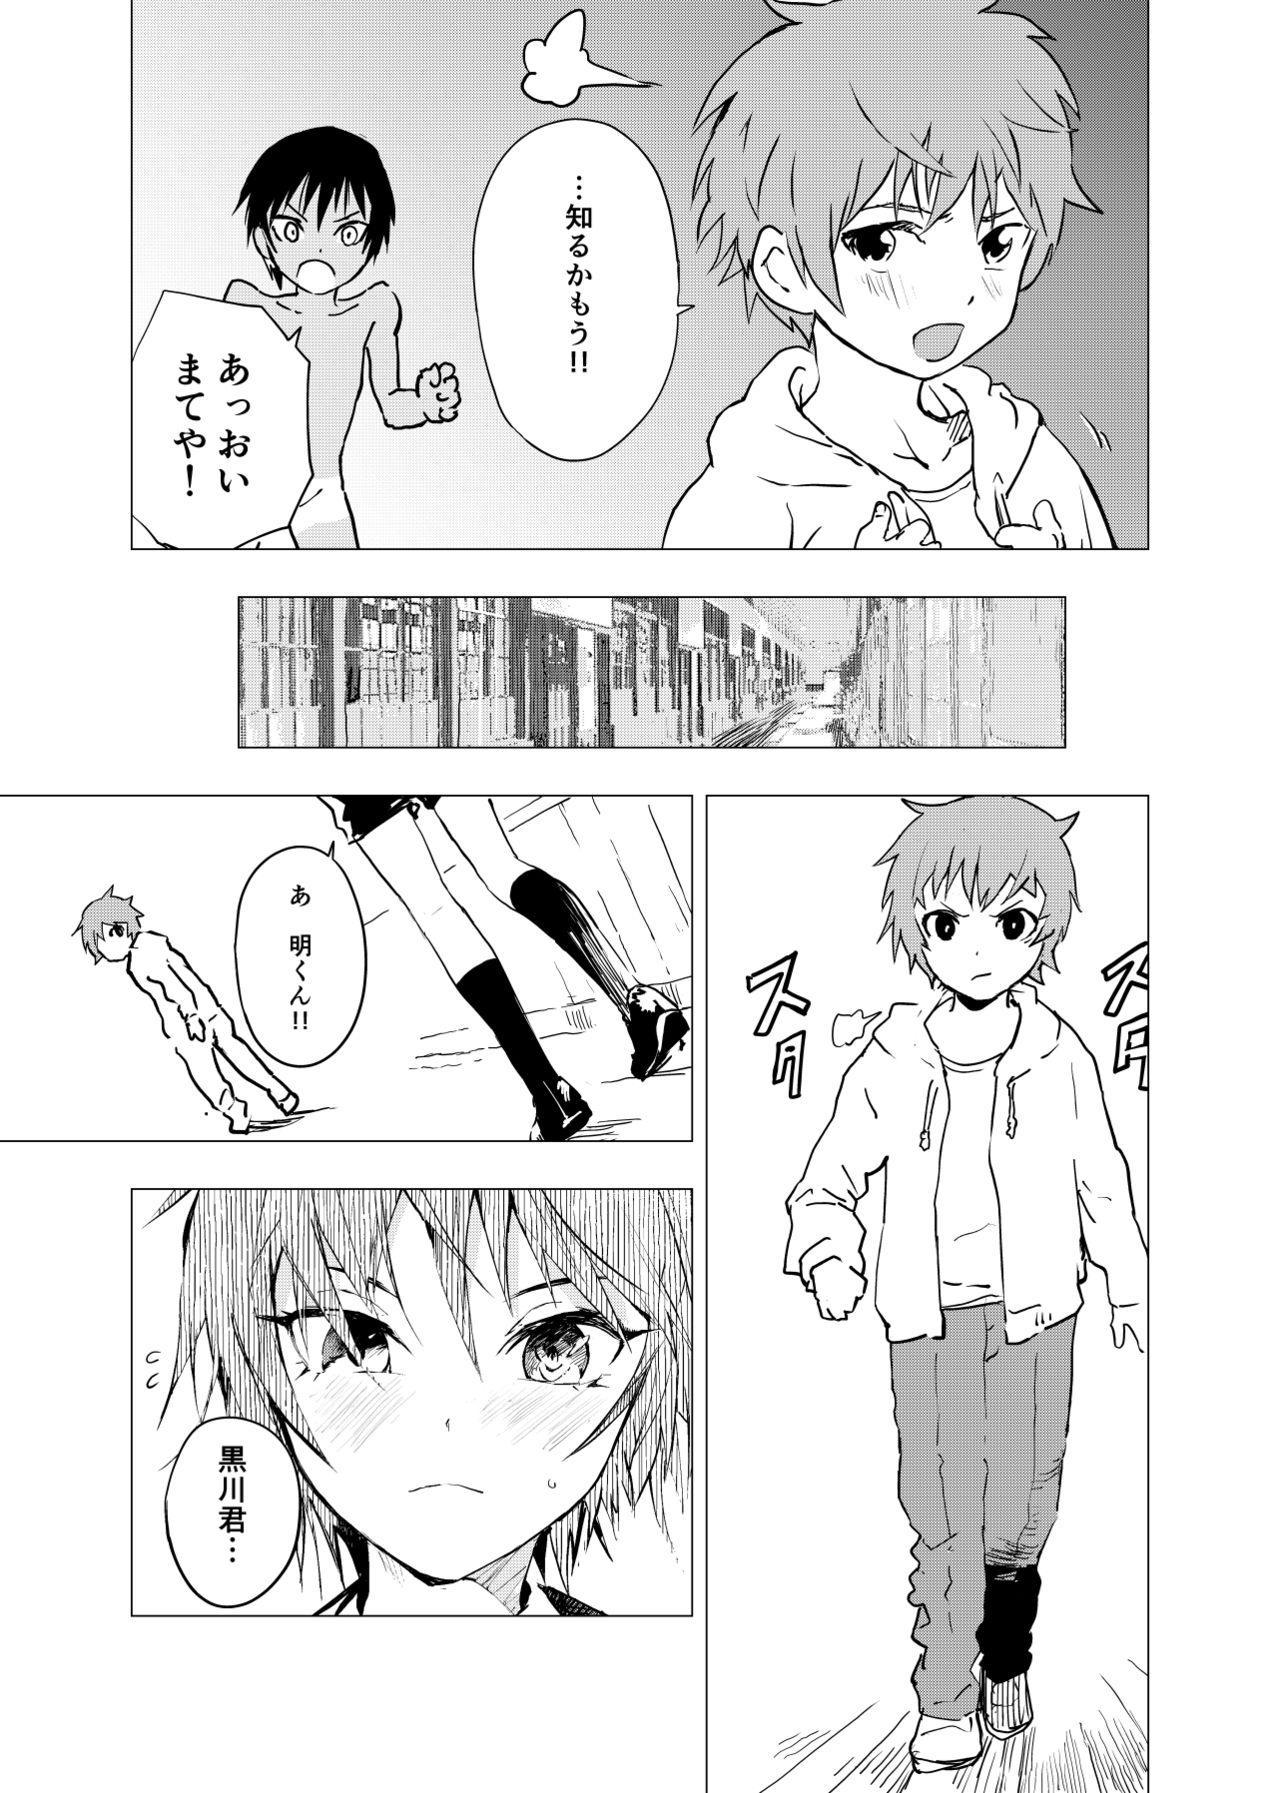 Inaka no Uke Shounen to Tokai no Seme Shounen no Ero Manga 1-6 114